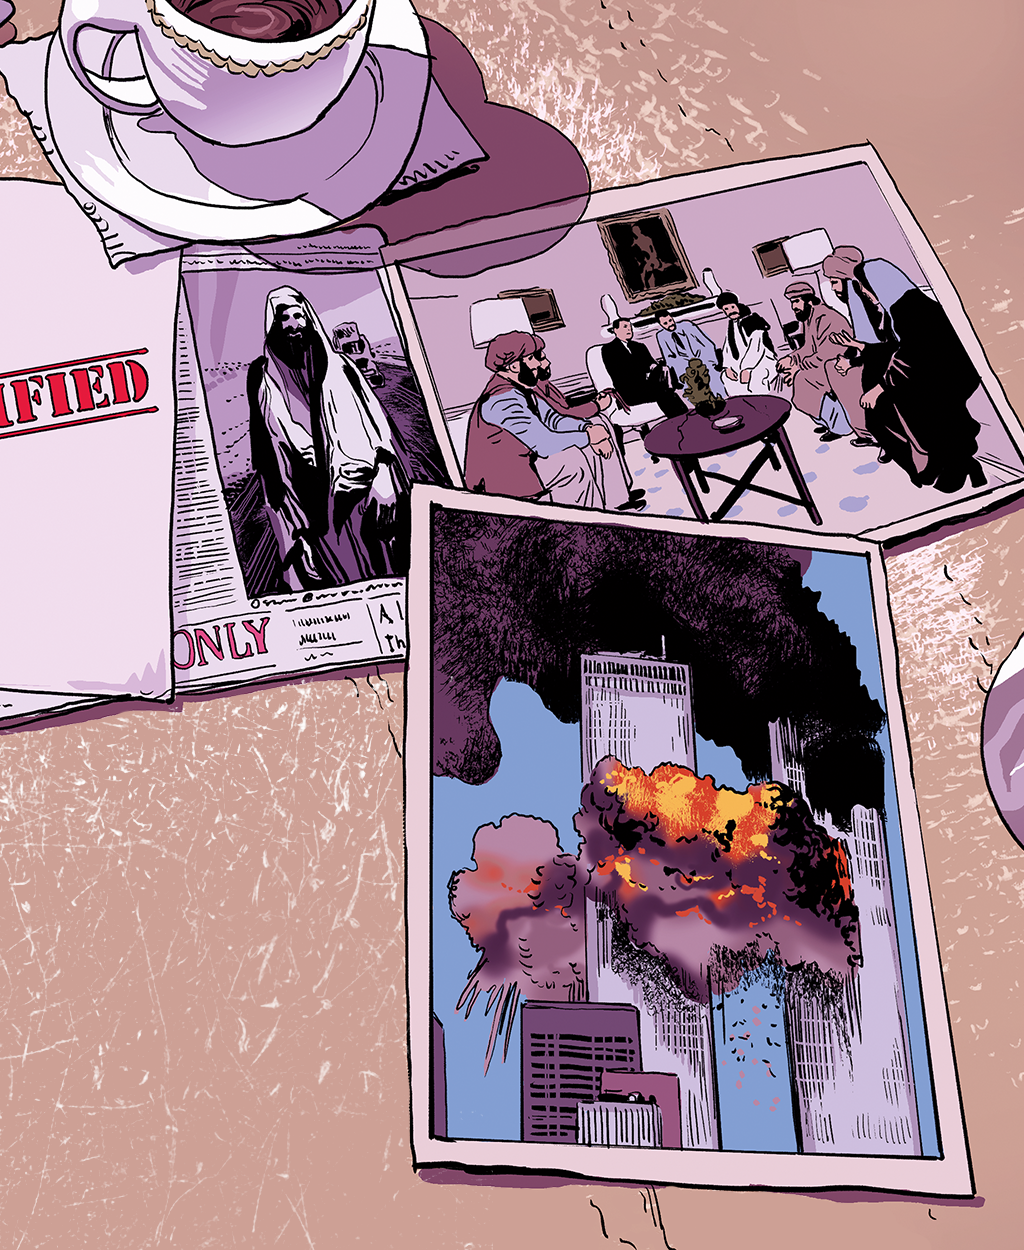 Ilustração com três recortes em cima de uma mesa: jornal exaltando Osama Bin Laden, uma foto de guerrilheiros sendo recebidos na Casa Branca e outra do ataque ao World Trade Center.